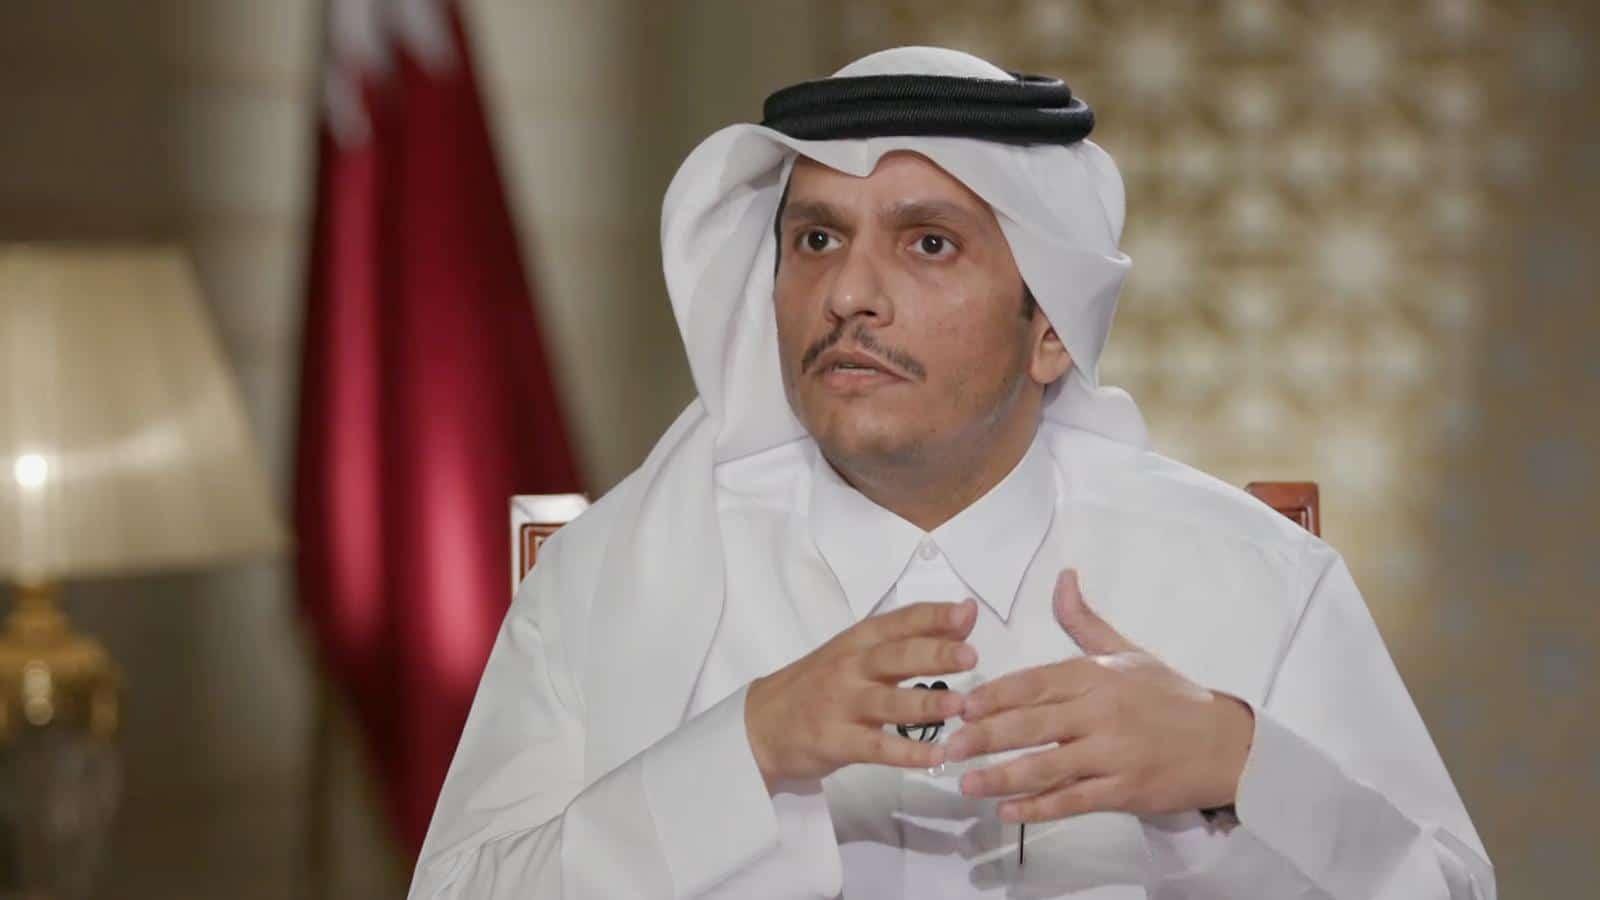 وزير خارجية قطر: الشيخ تميم رفض تسليم الاء الصديق للإمارات مرتين